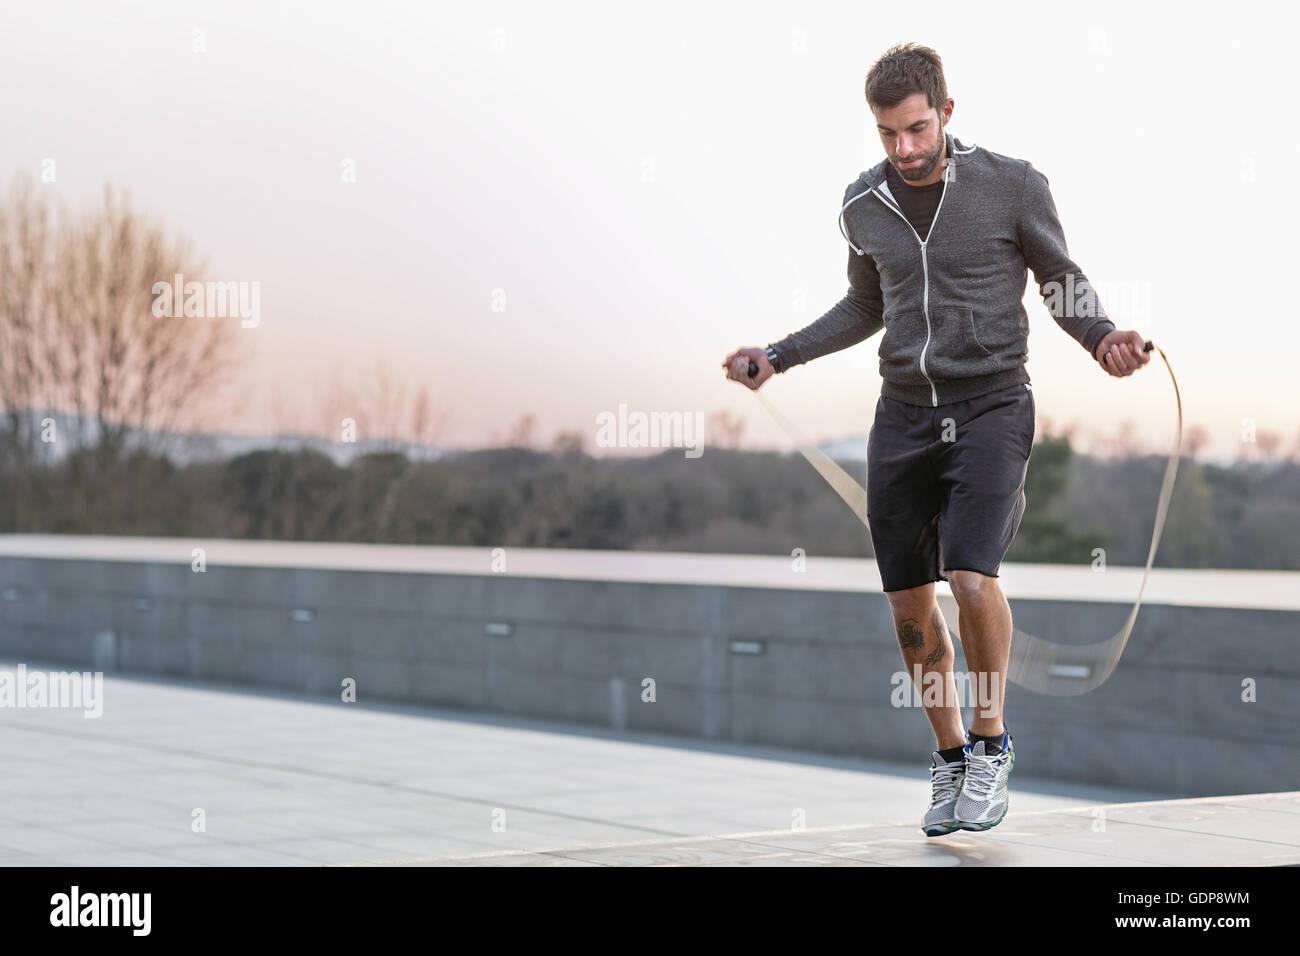 Mitte erwachsenen Mannes im Freien, überspringen mit Springseil Stockbild